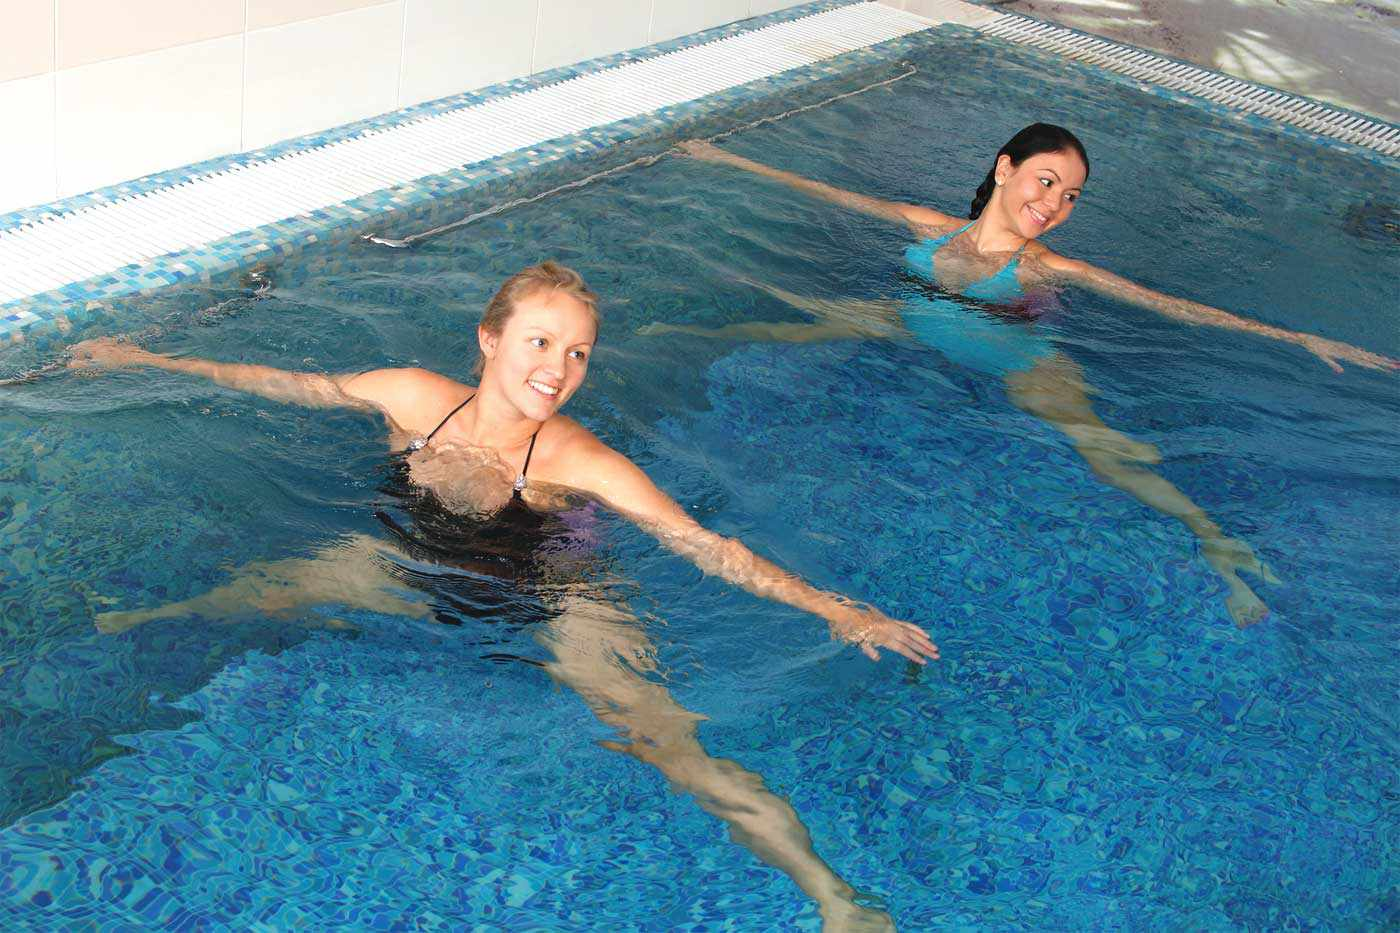 Women doing aquatic yoga